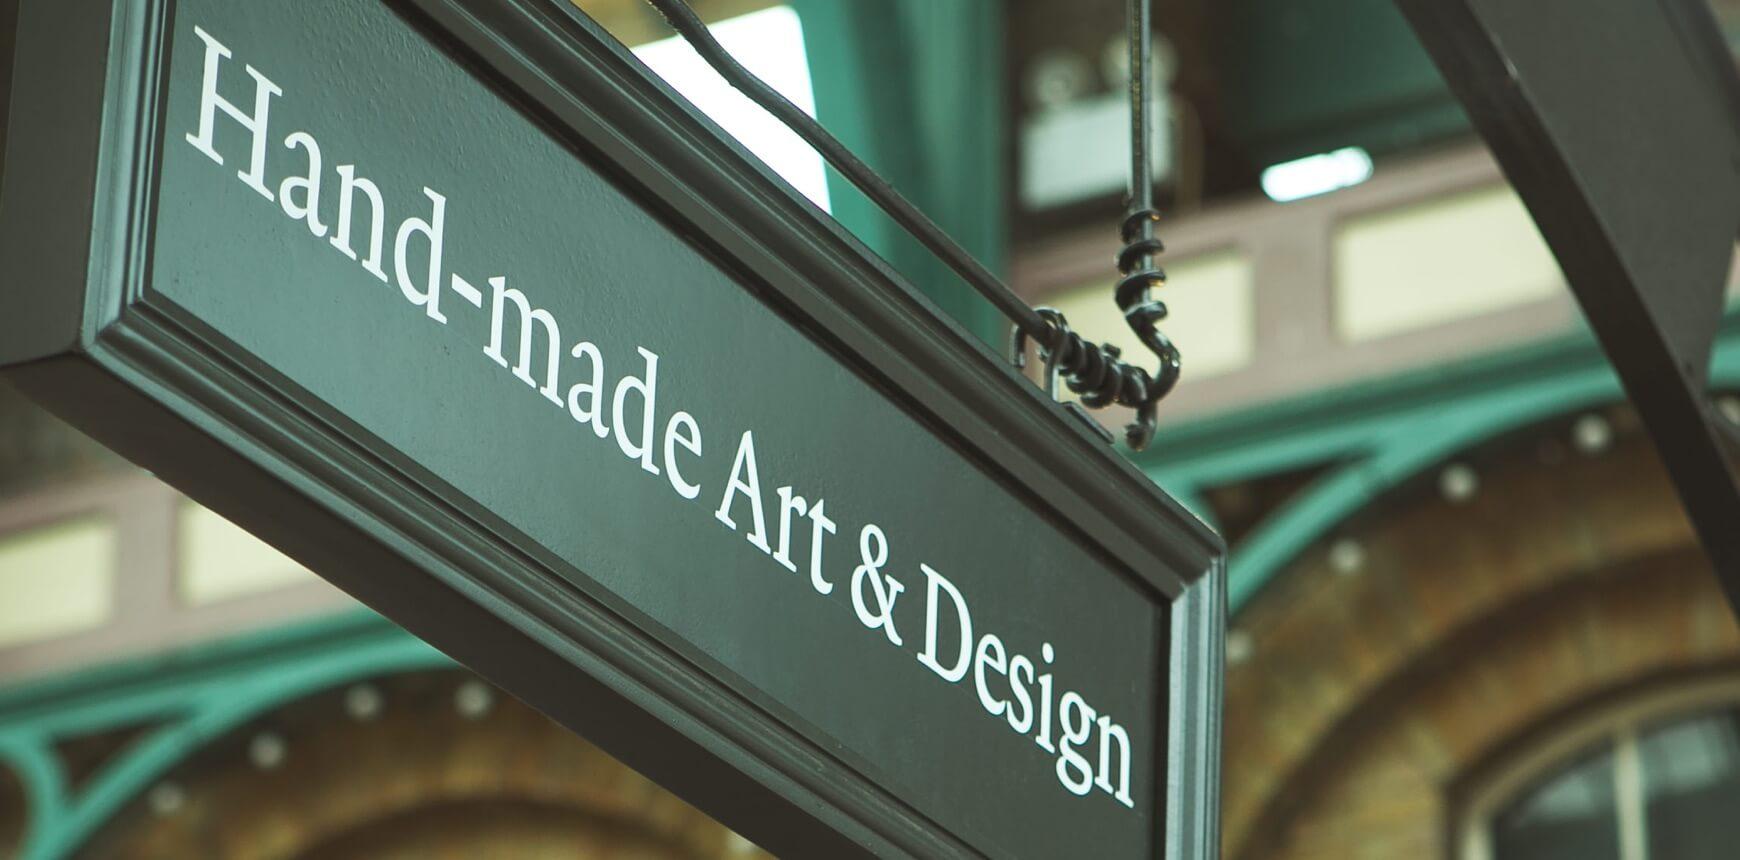 Hand-made Art & Design Sign